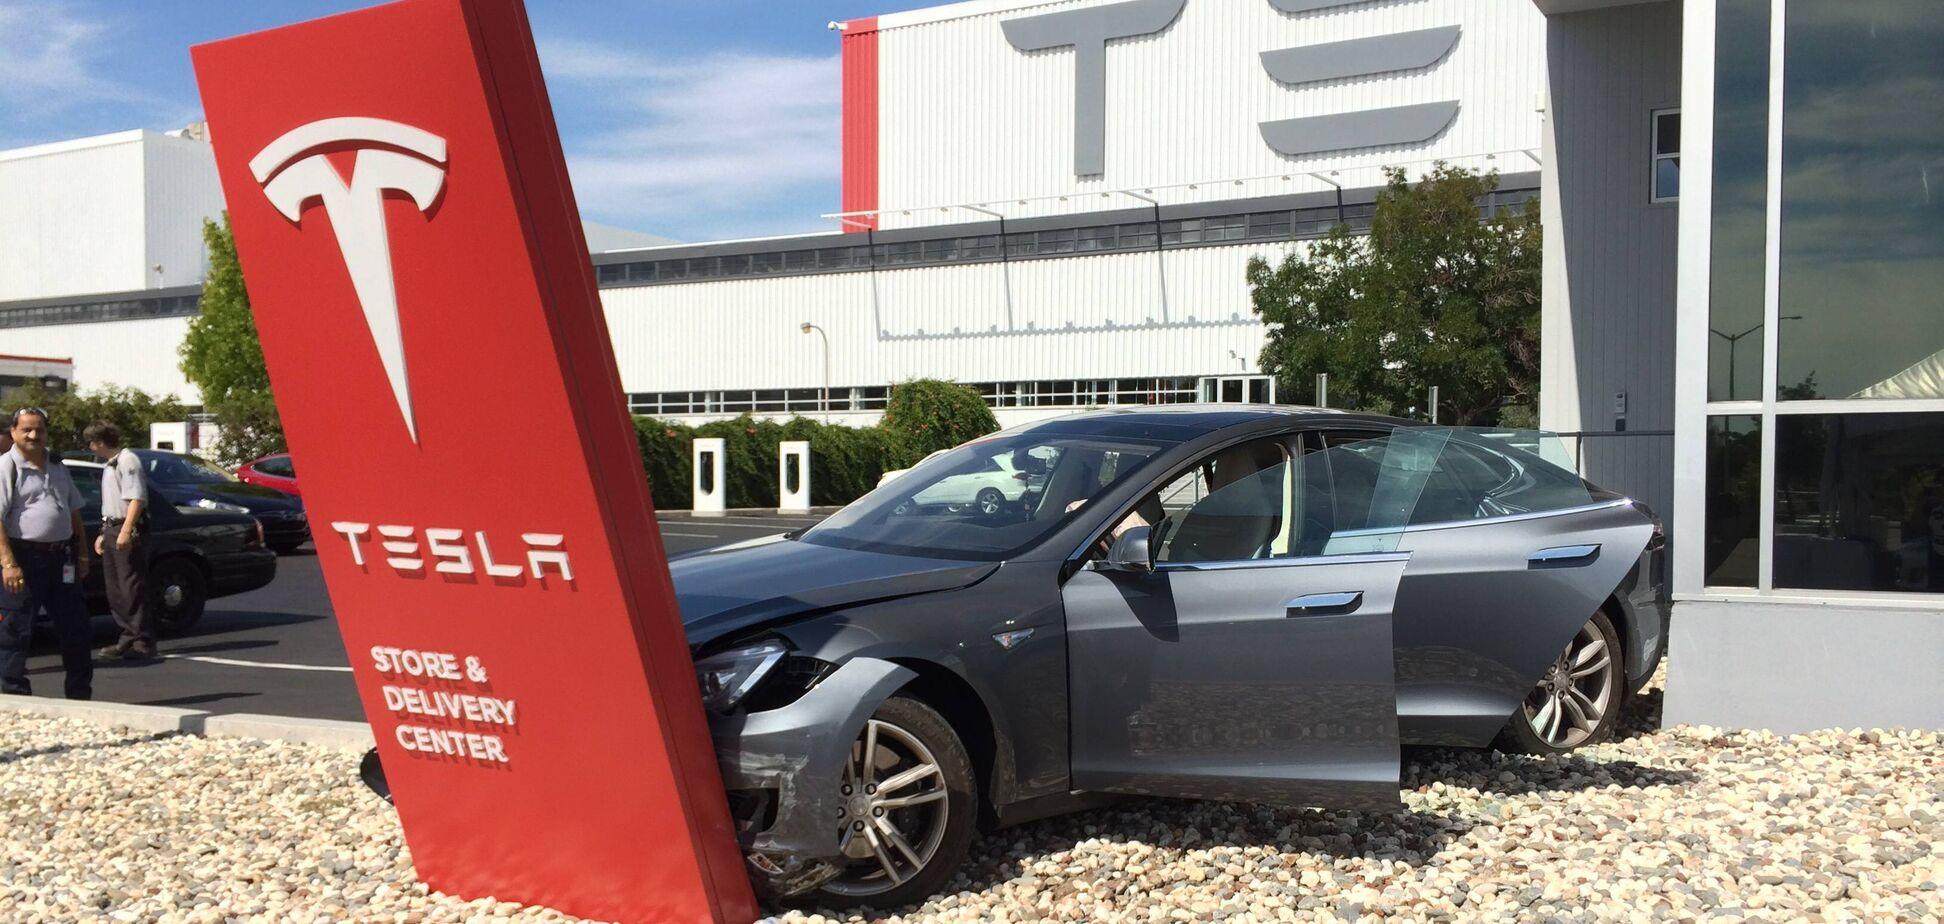 Tesla може позбавити українців своїх електромобілів: що вирішив автовиробник